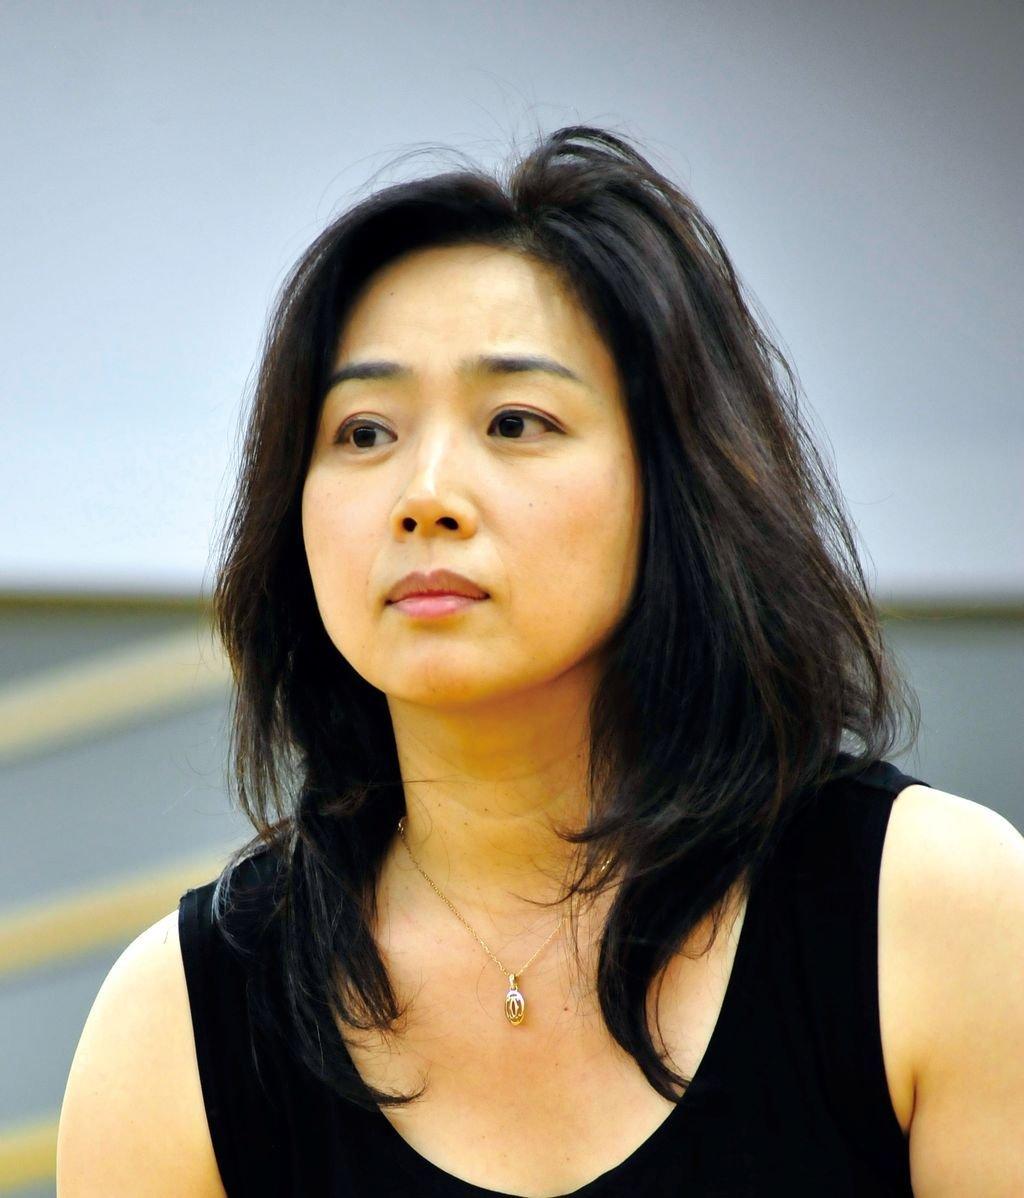 藤吉久美子 結婚에 대한 이미지 검색결과